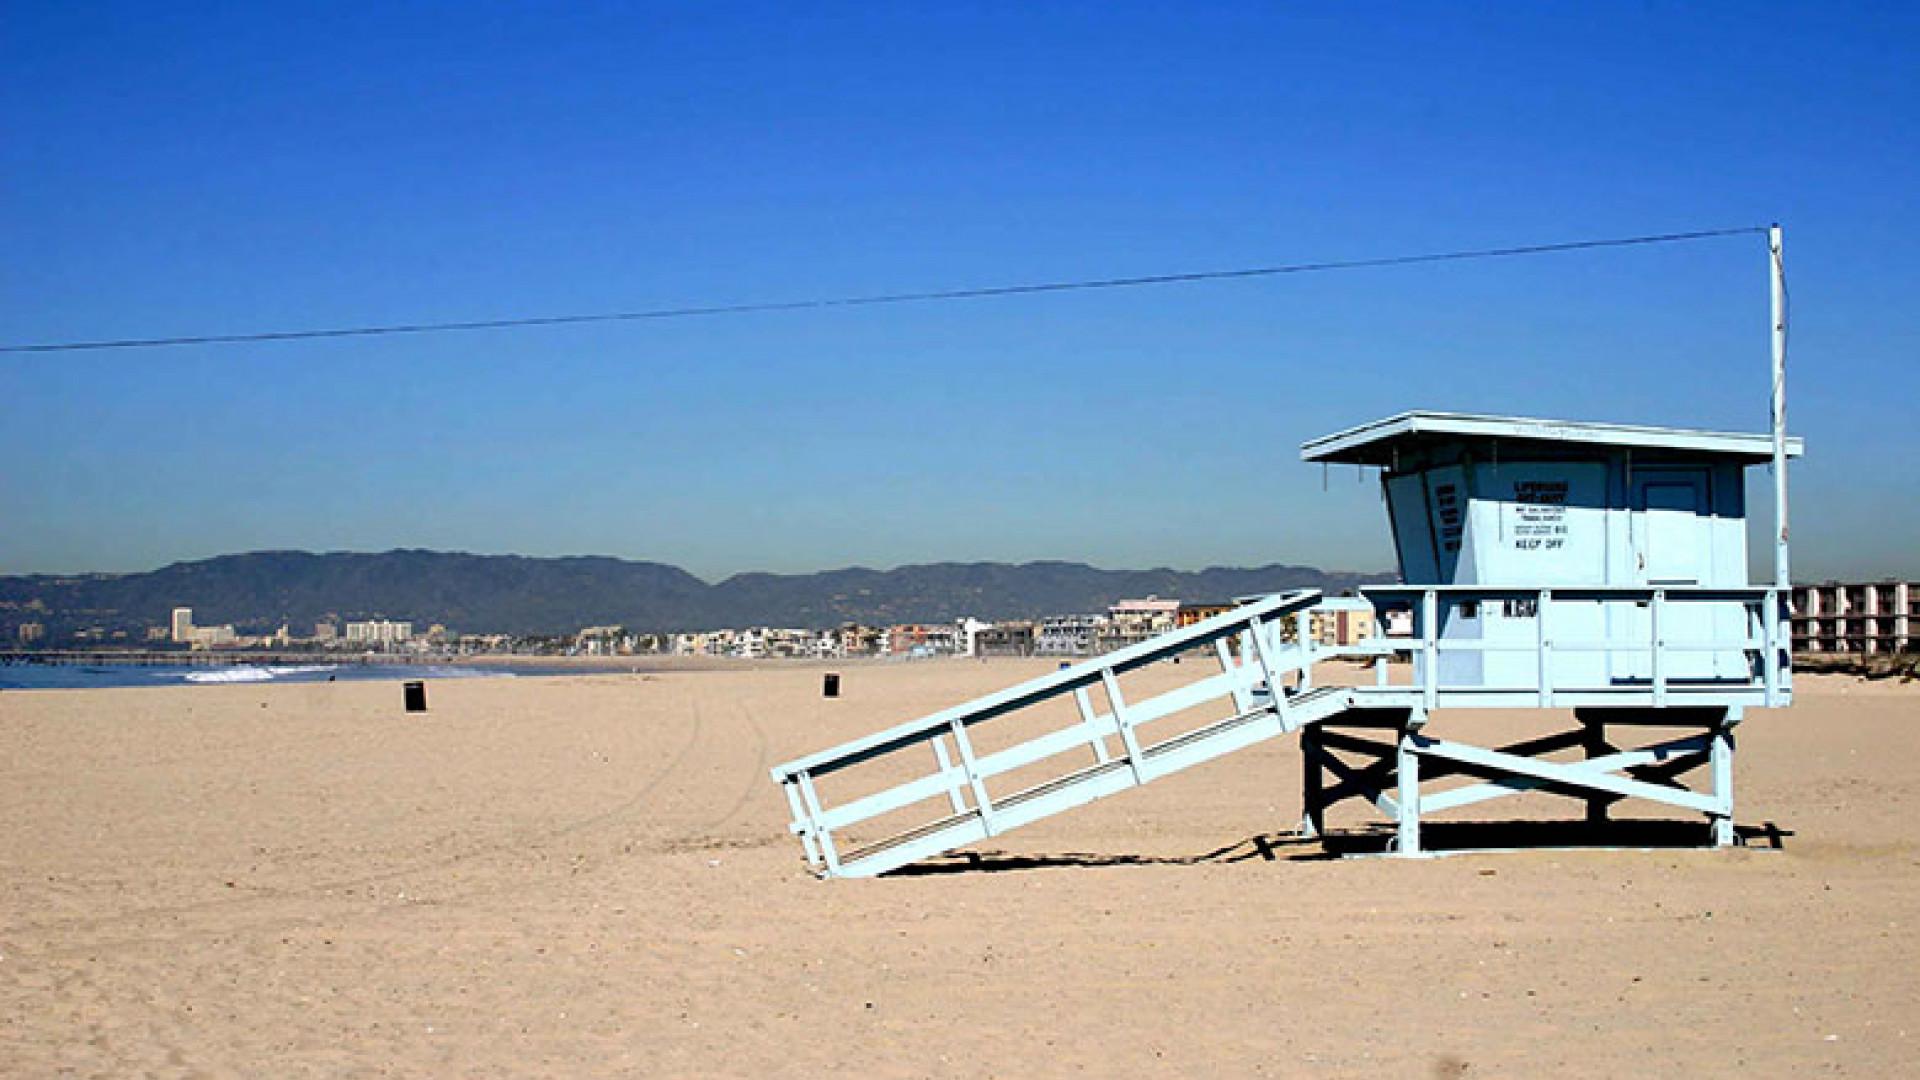 Lifeguard-Booth-on-Venice-Beach-LR